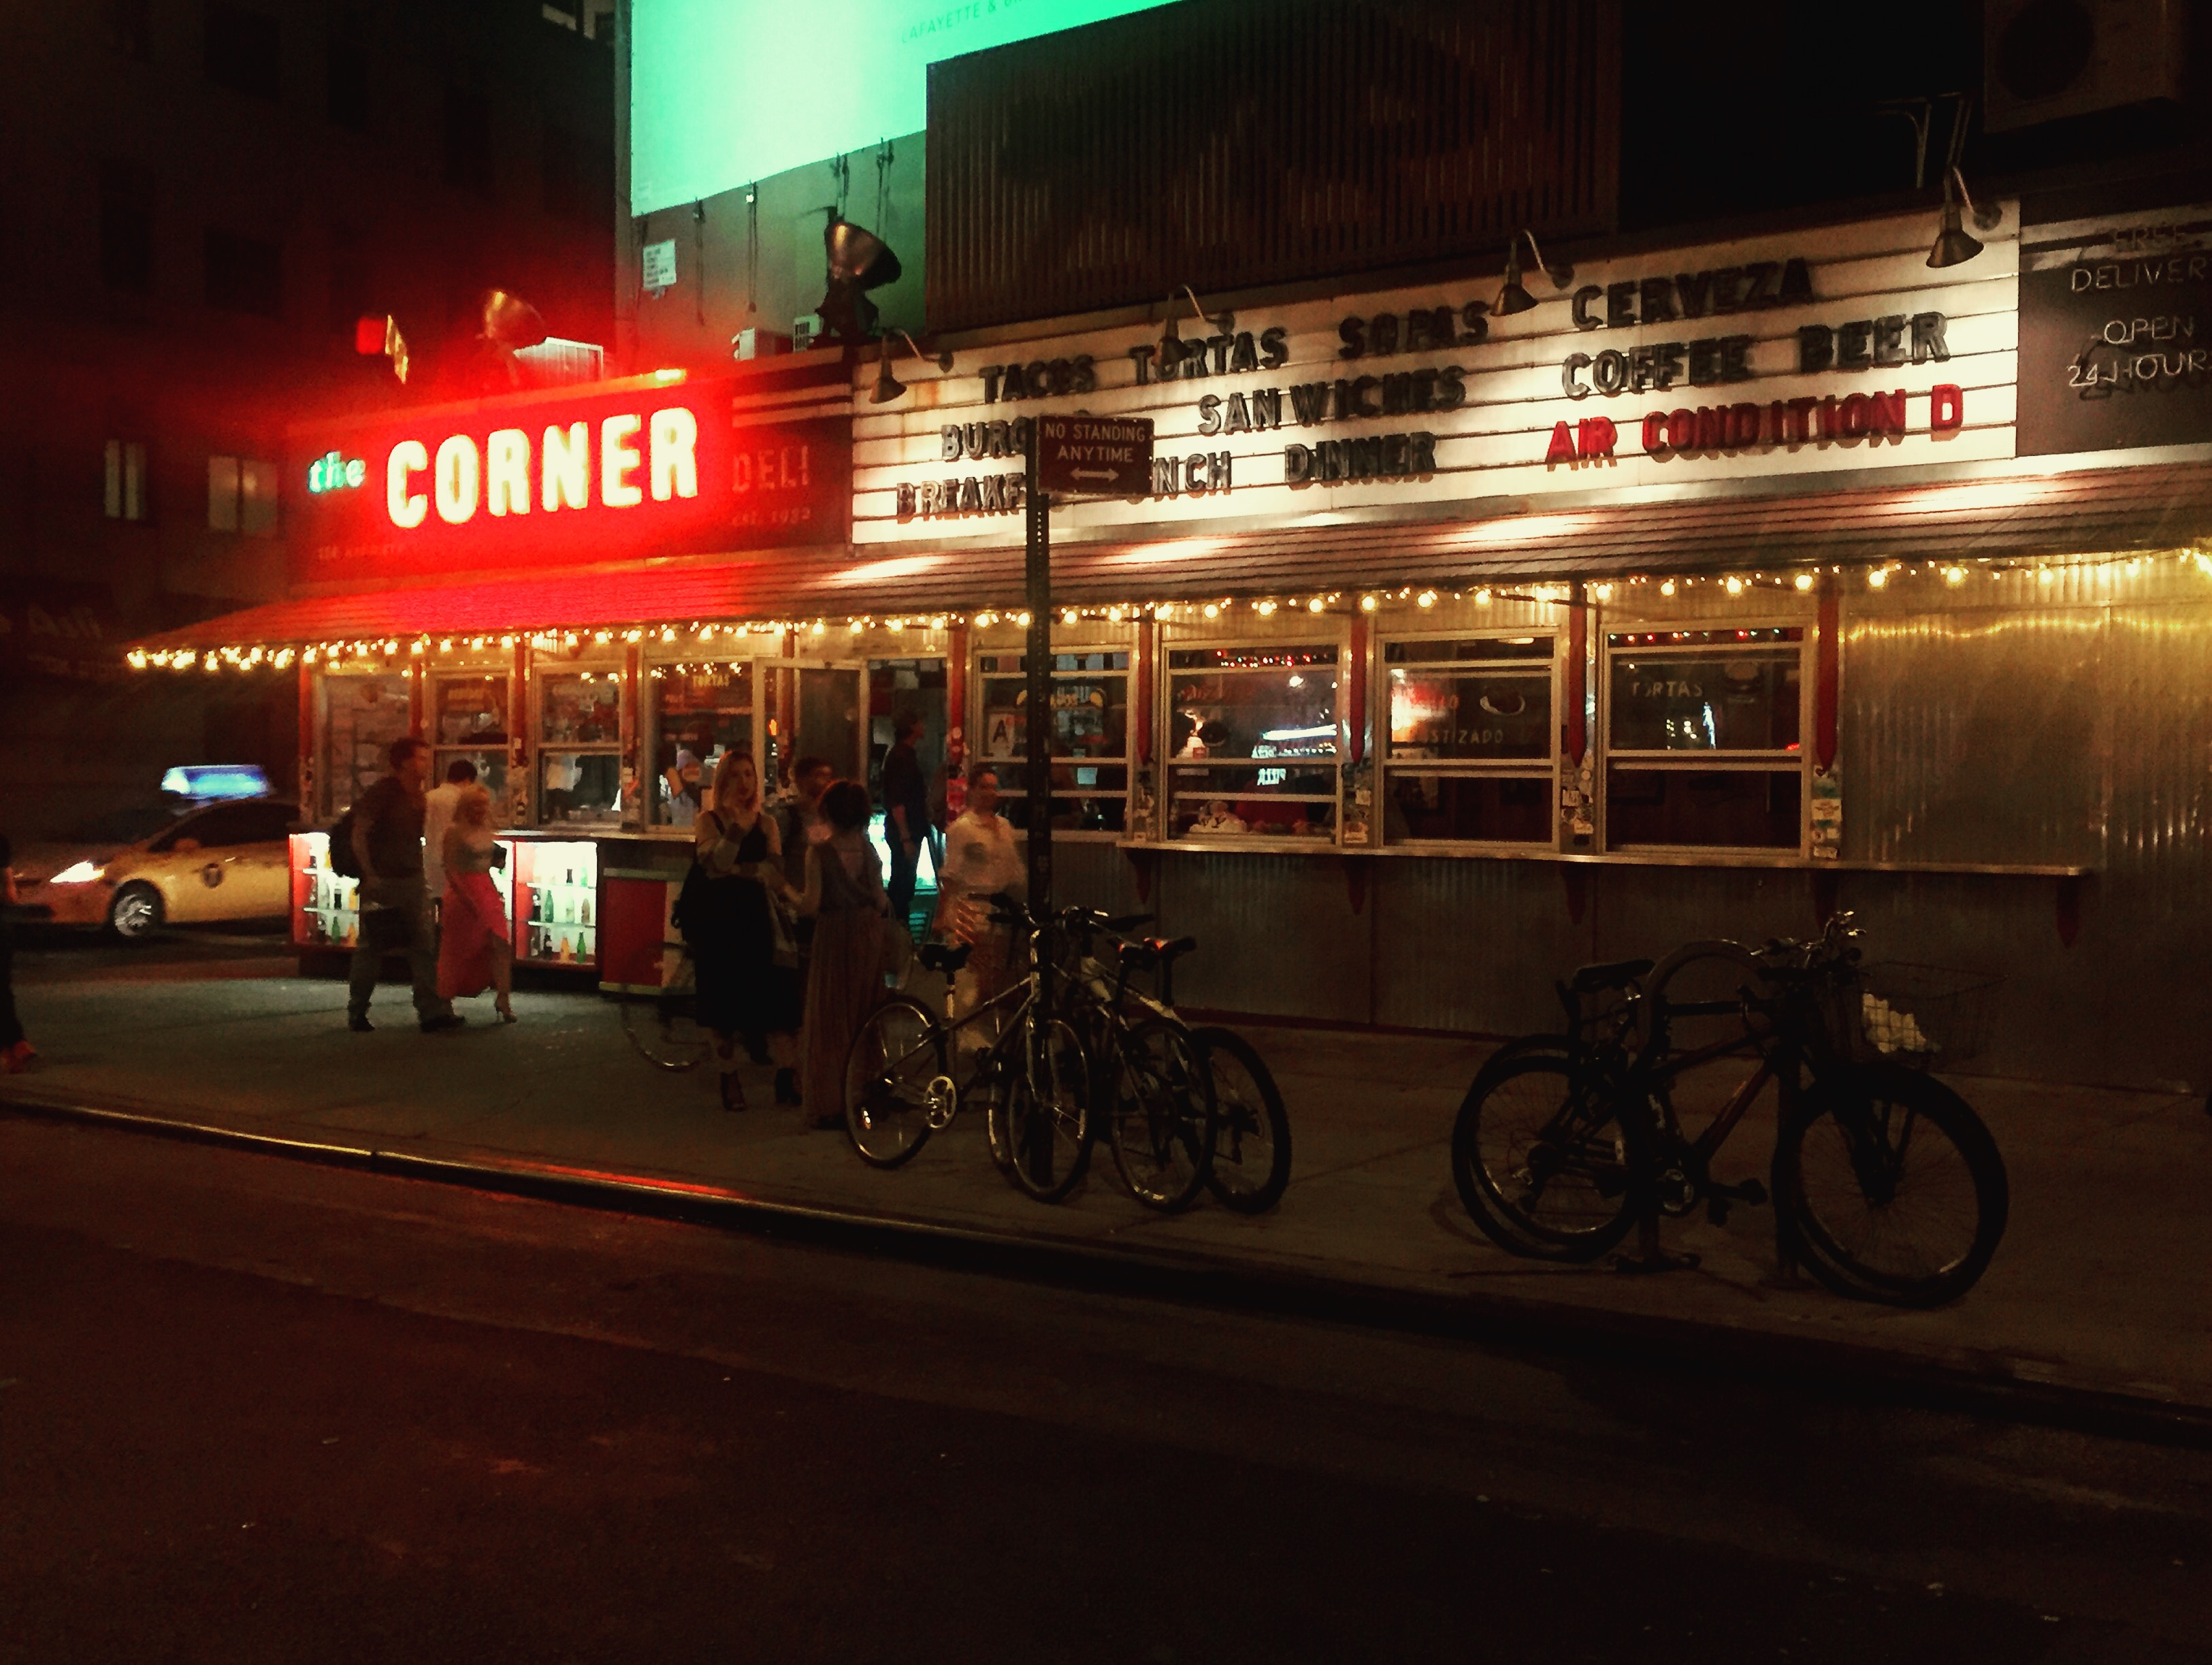 The Corner, uno de los bares más famosos de Soho